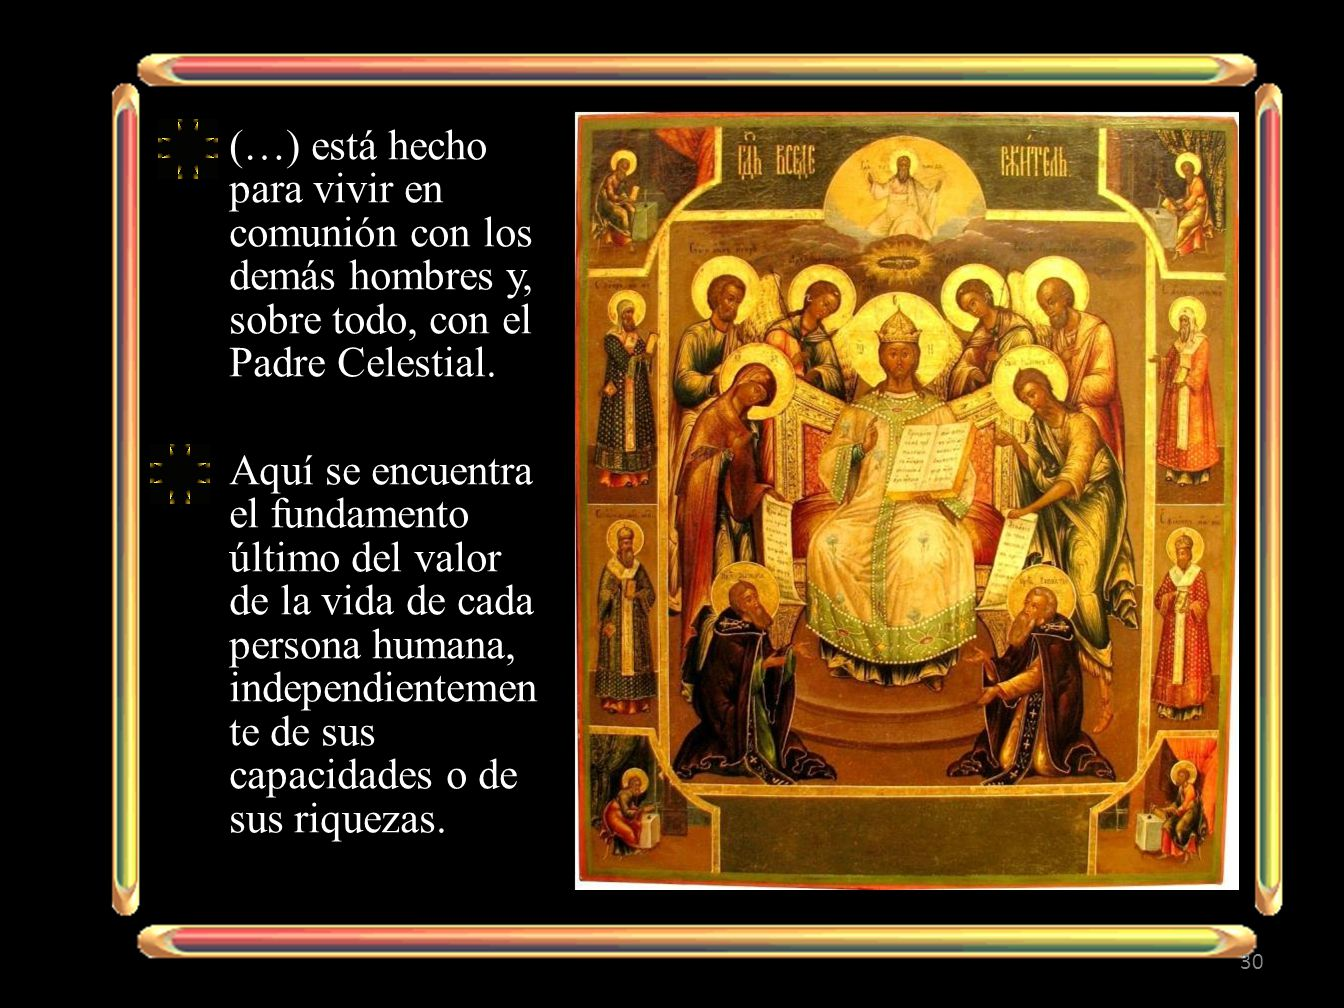 (…) está hecho para vivir en comunión con los demás hombres y, sobre todo, con el Padre Celestial.